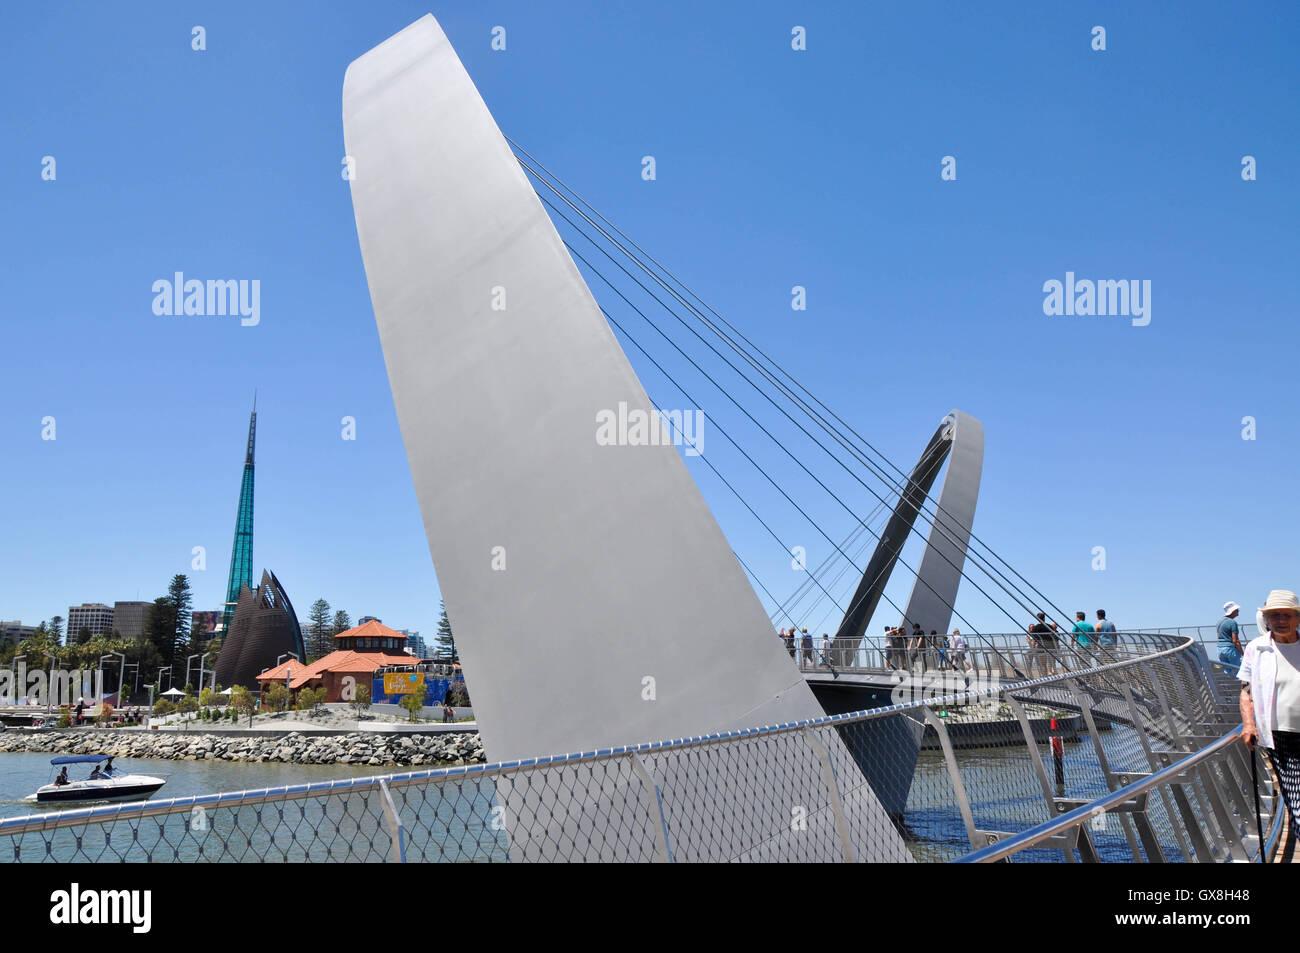 Elizabeth Quay Bridge Imágenes De Stock & Elizabeth Quay Bridge ...